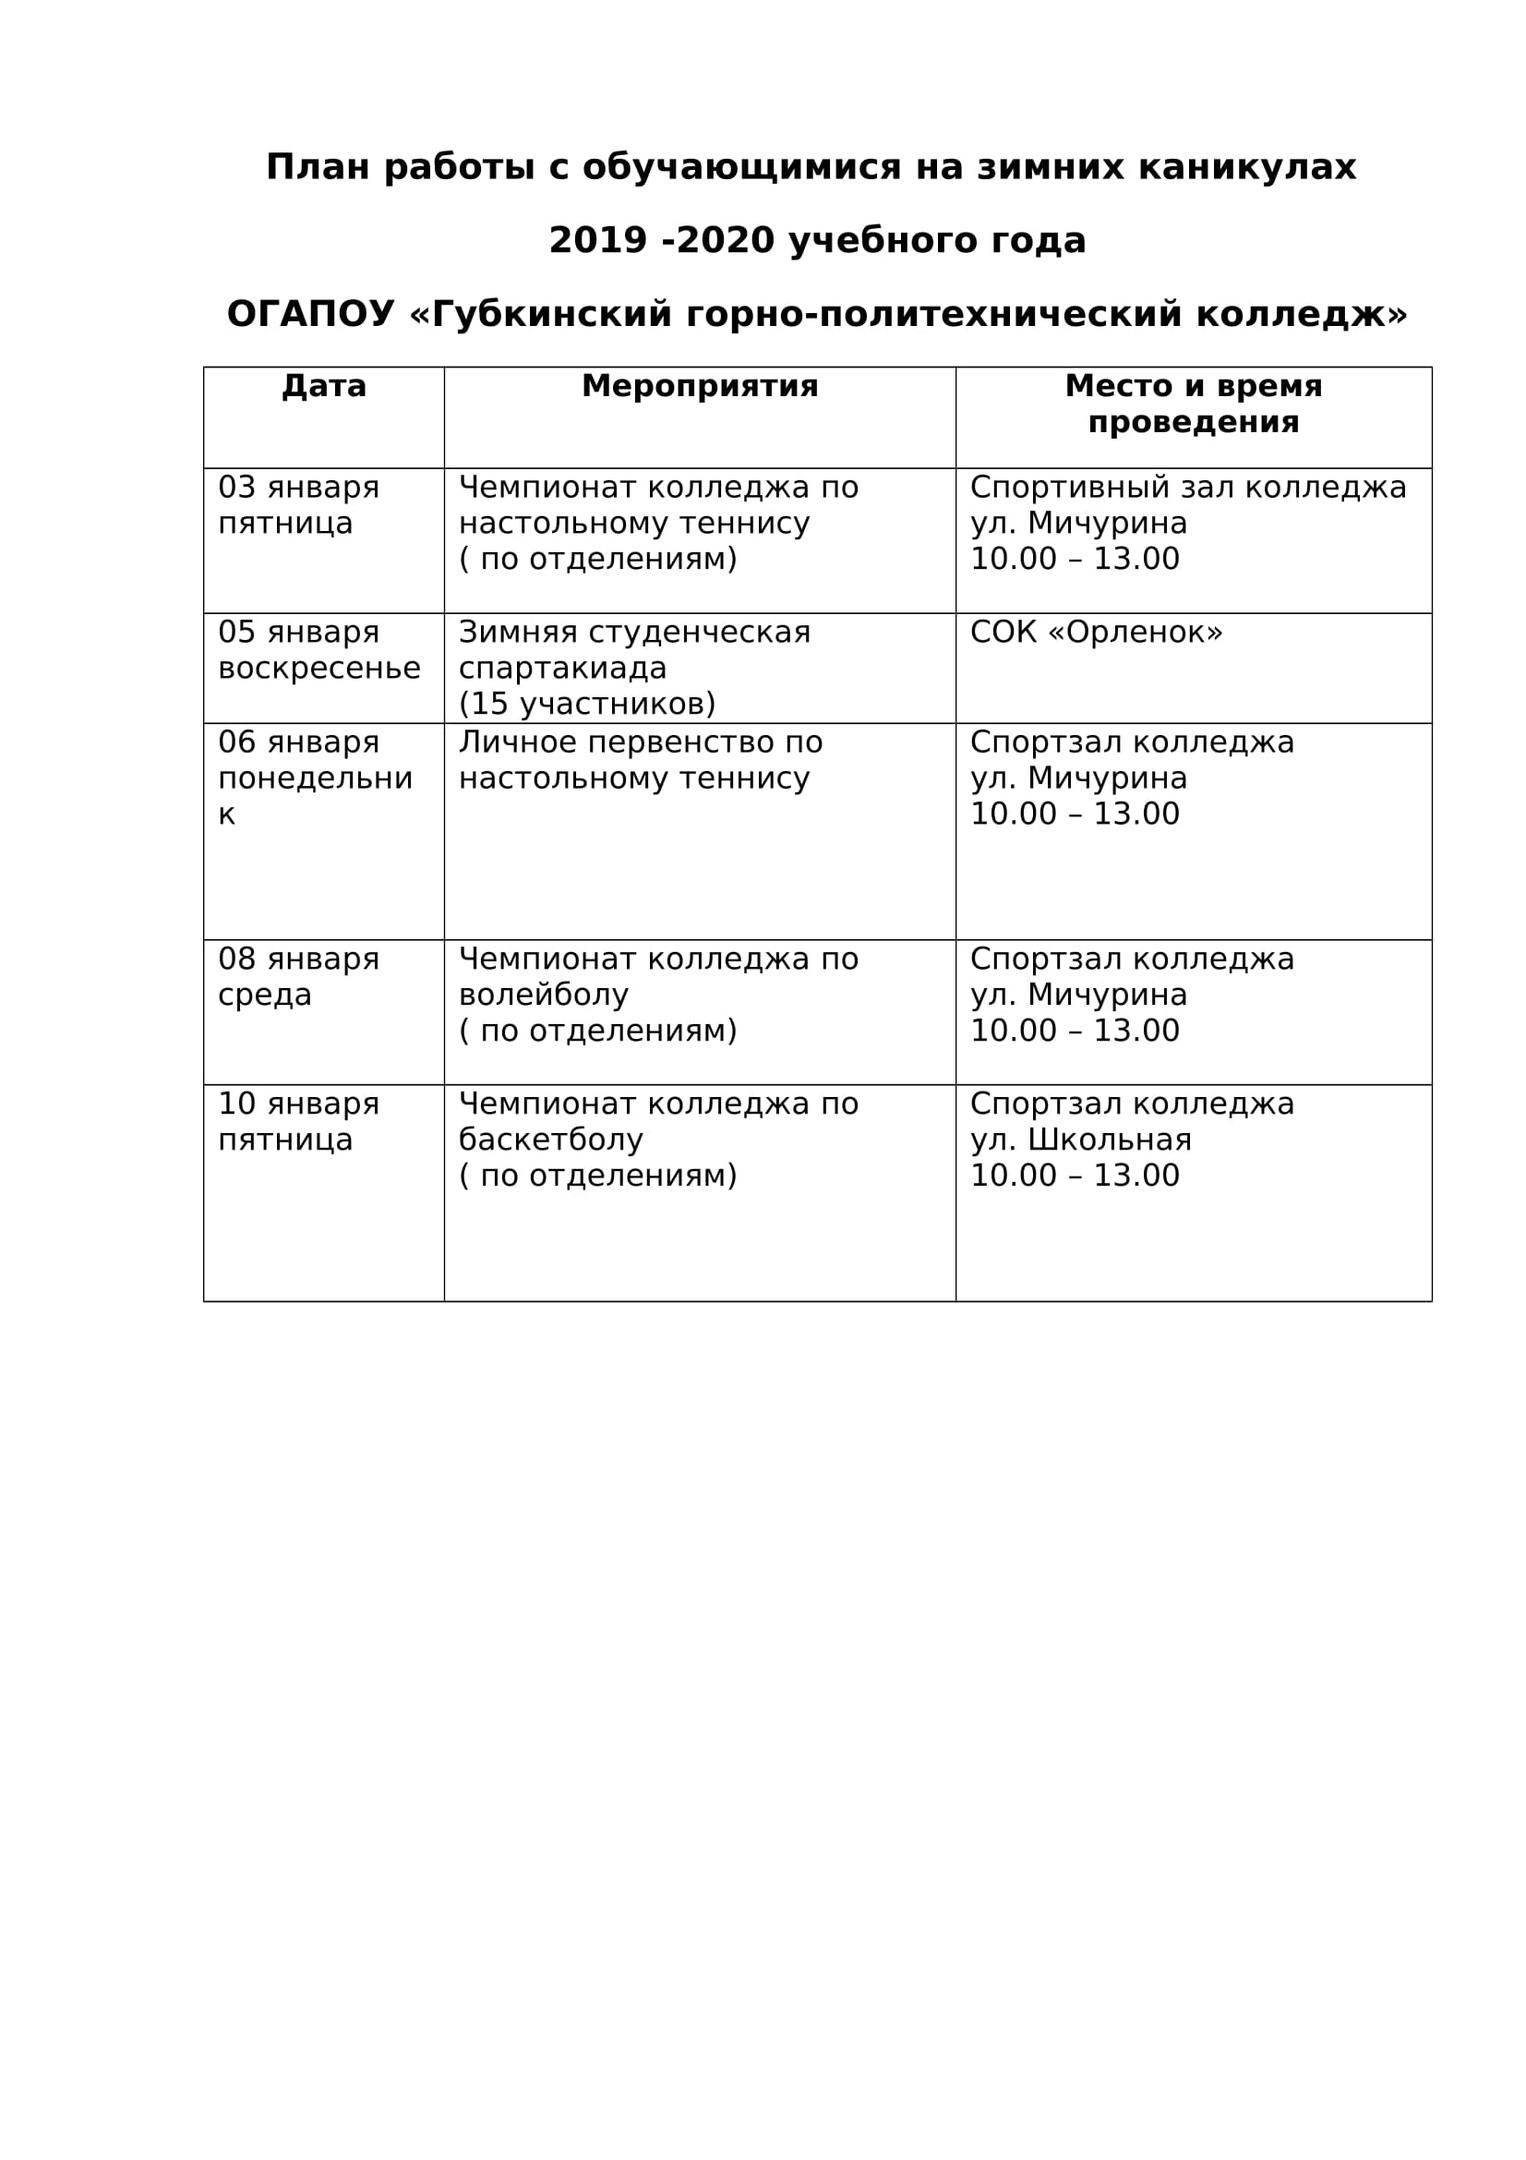 План работы с обучающимися на зимних каникулах  2019 -2020 учебного года ОГАПОУ «Губкинский горно-политехнический колледж»